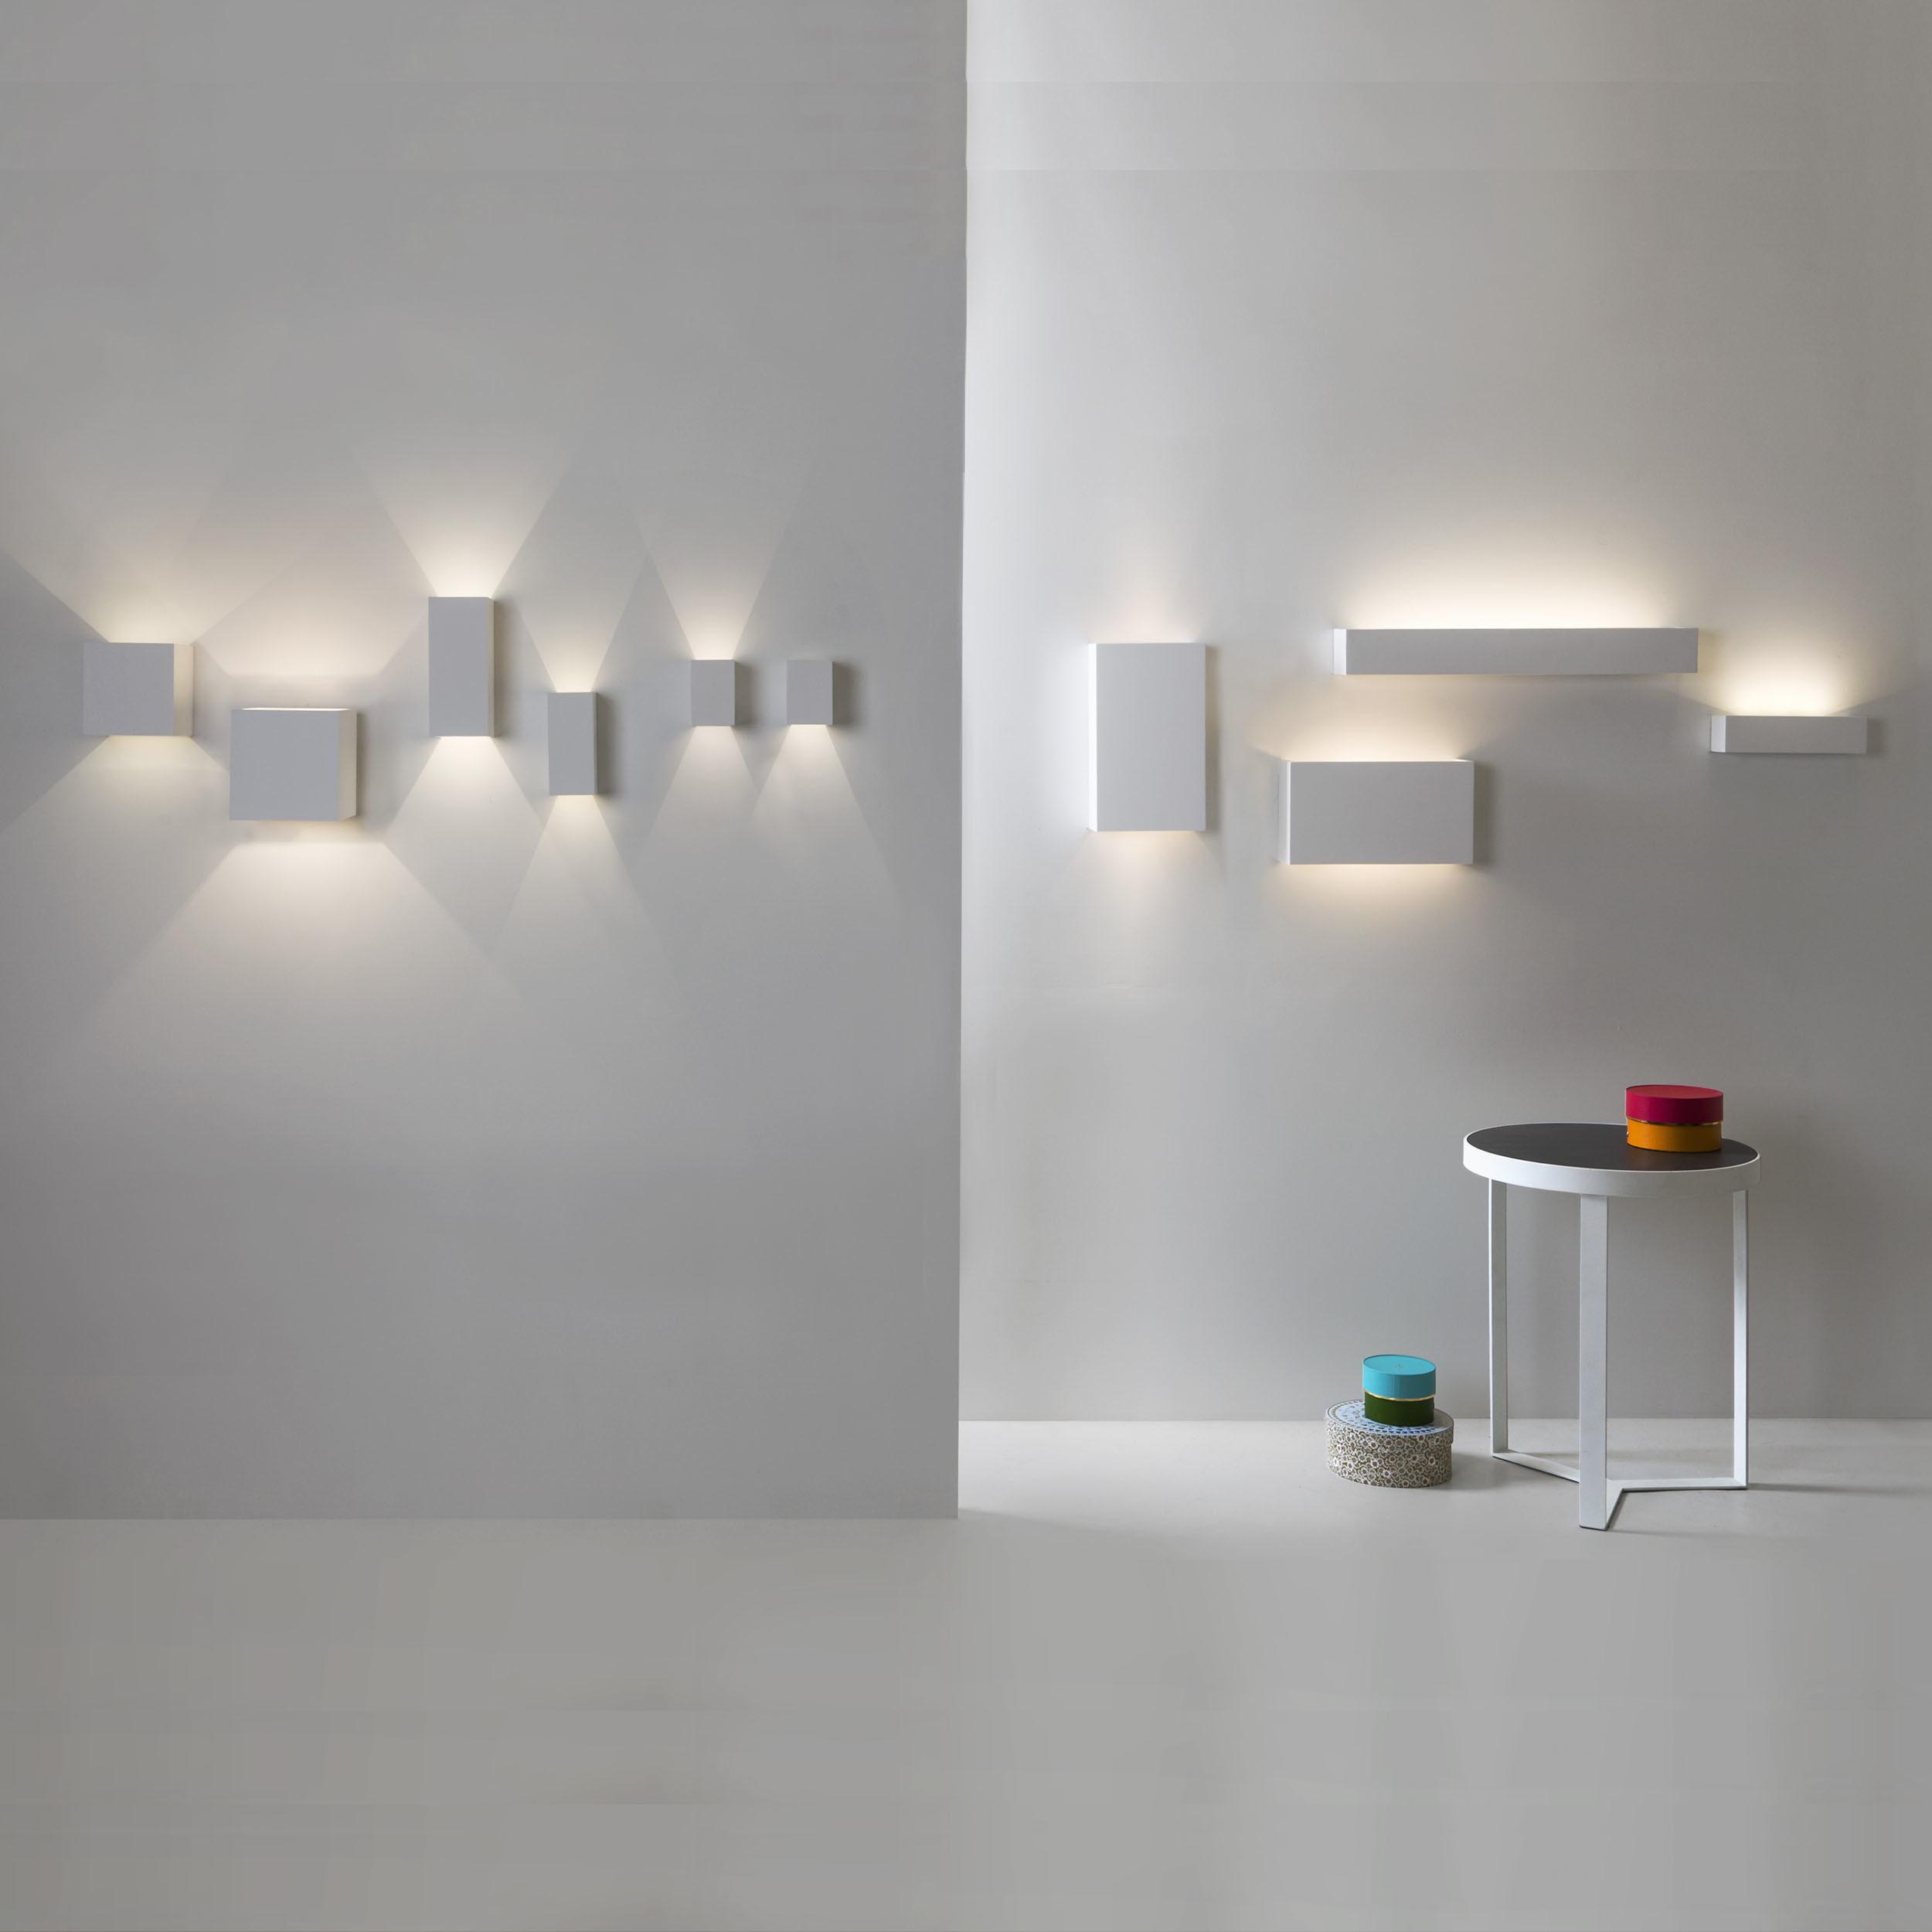 Настенный светодиодный светильник Astro Rio 1325002 (7173), LED 14,6W 3000K 1228lm CRI80, белый, под покраску, гипс - фото 2